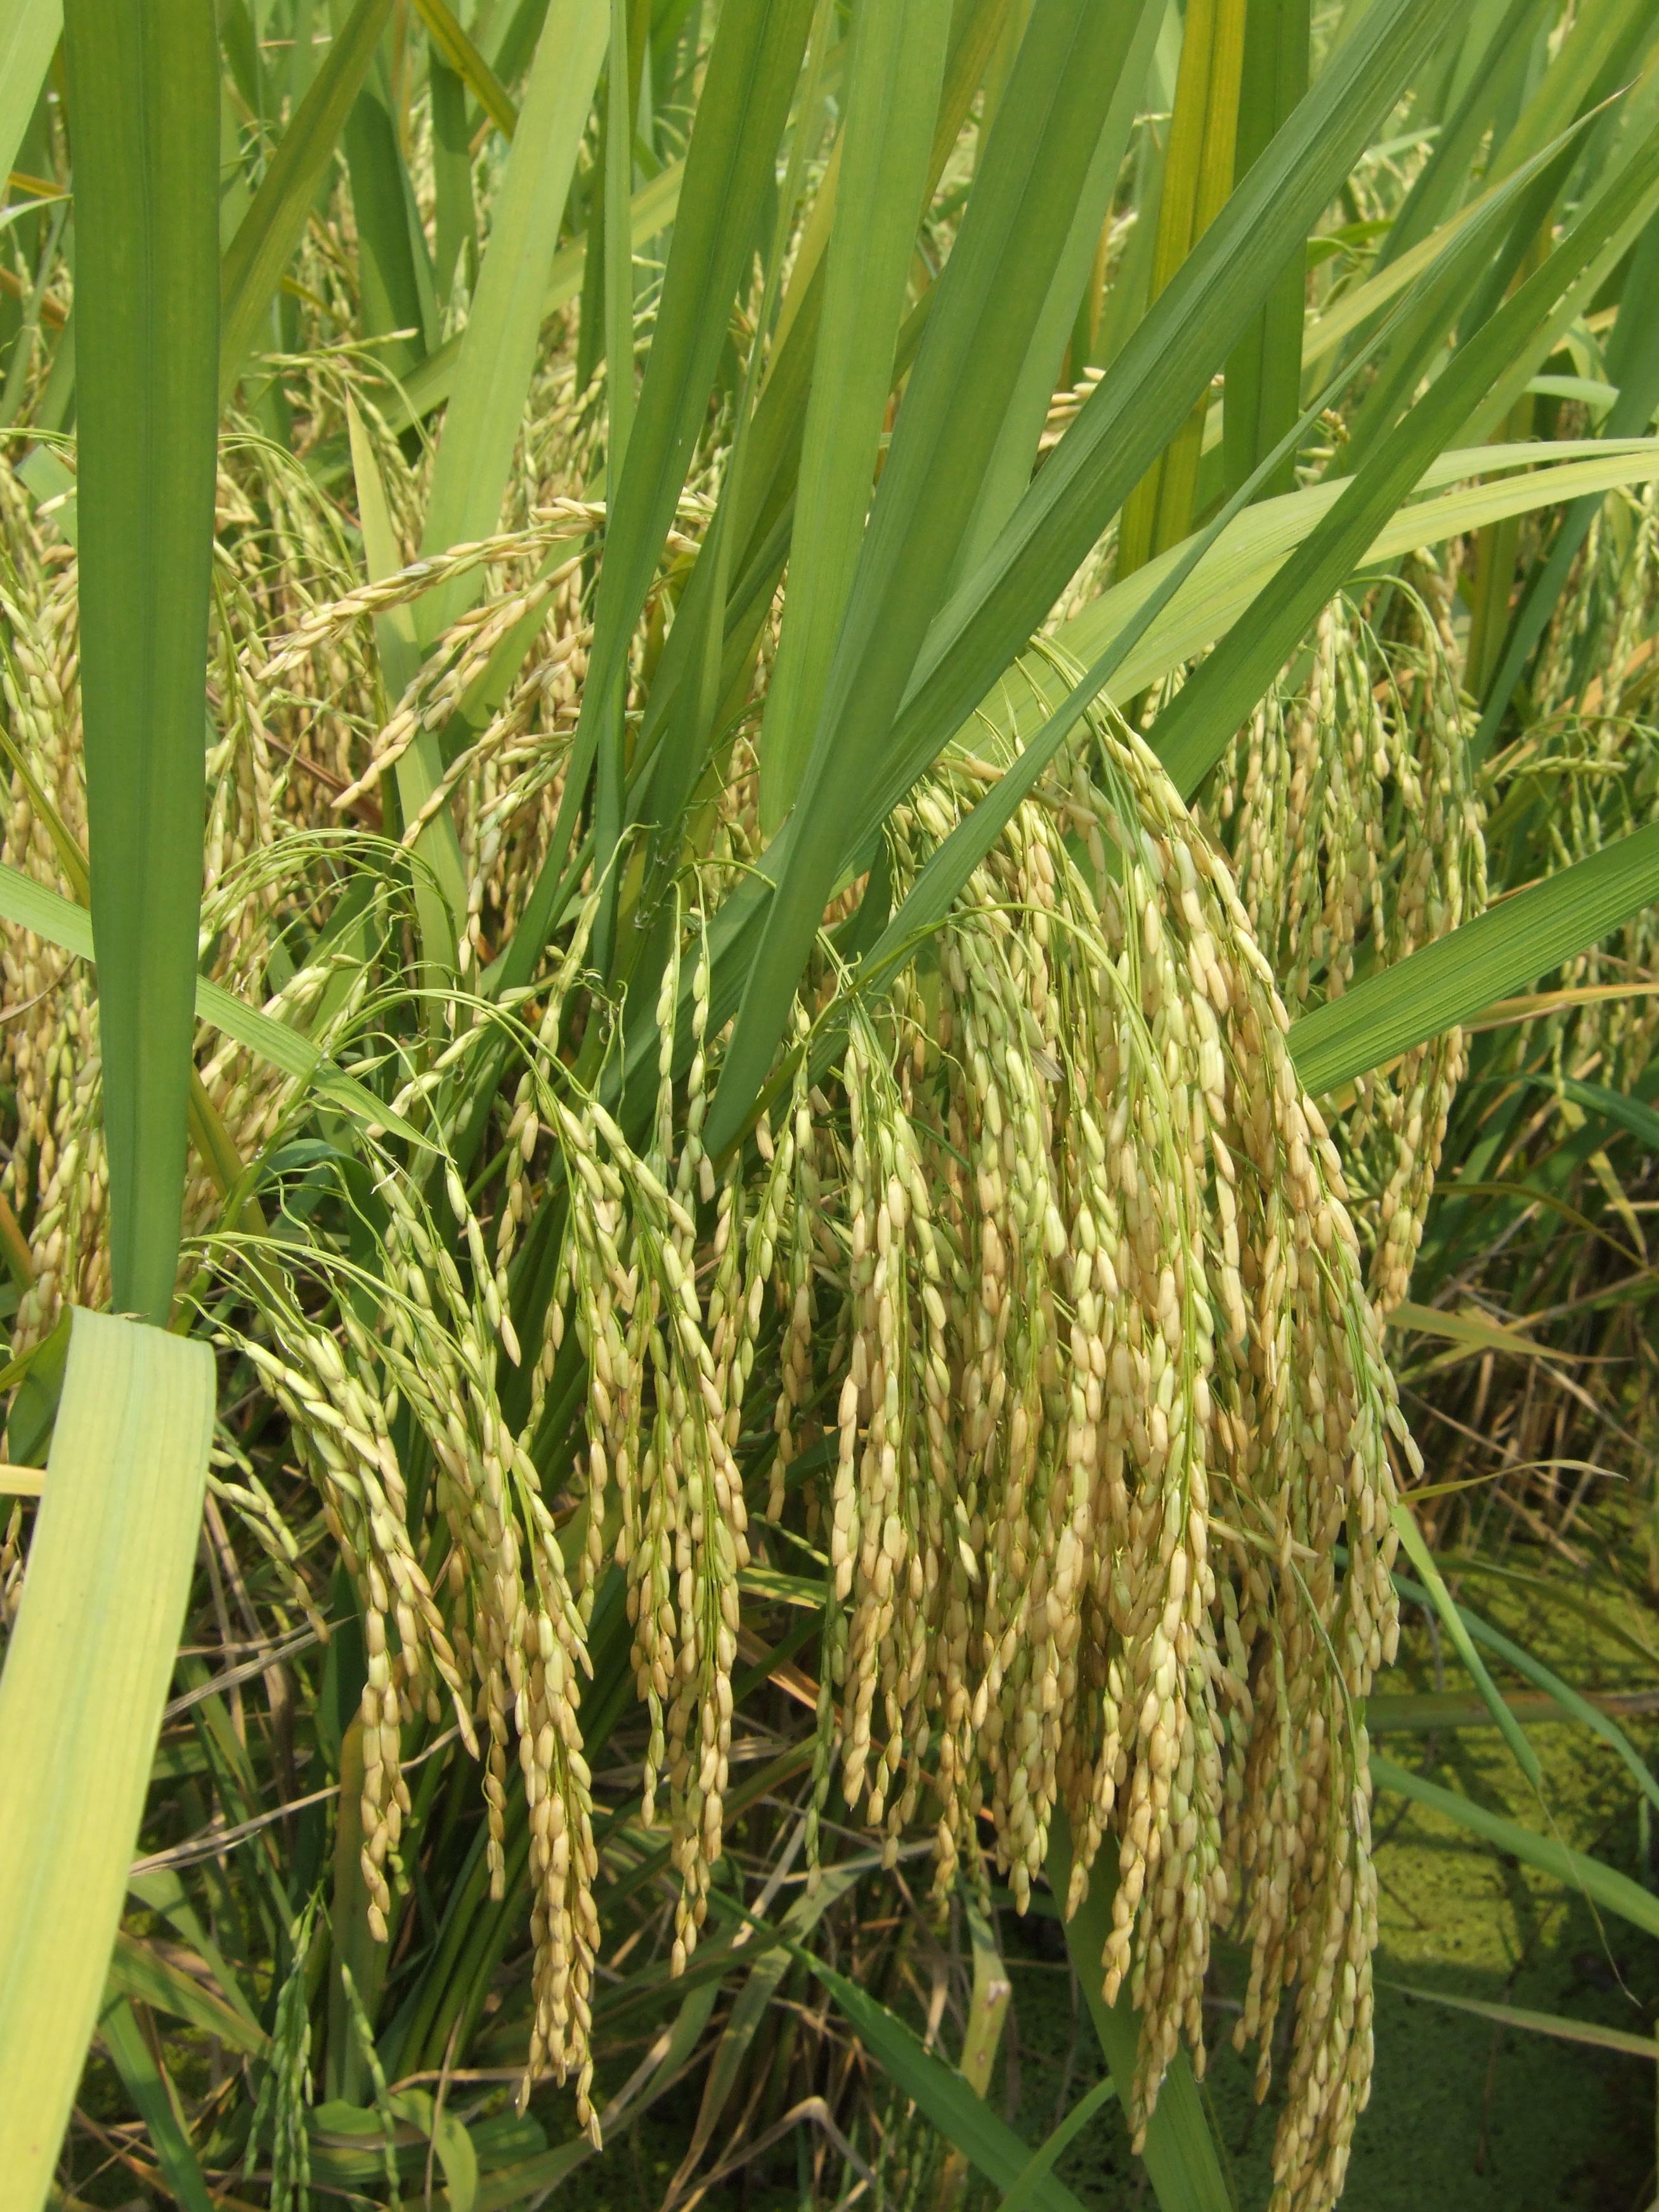 Gambar Nasi Pertanian Padi Bidang Menanam Keluarga Rumput Tanaman Terestrial Tanaman Berbunga Bunga Sawah Tanaman Uang 2616x3488 Cmmacc 1593902 Galeri Foto Pxhere